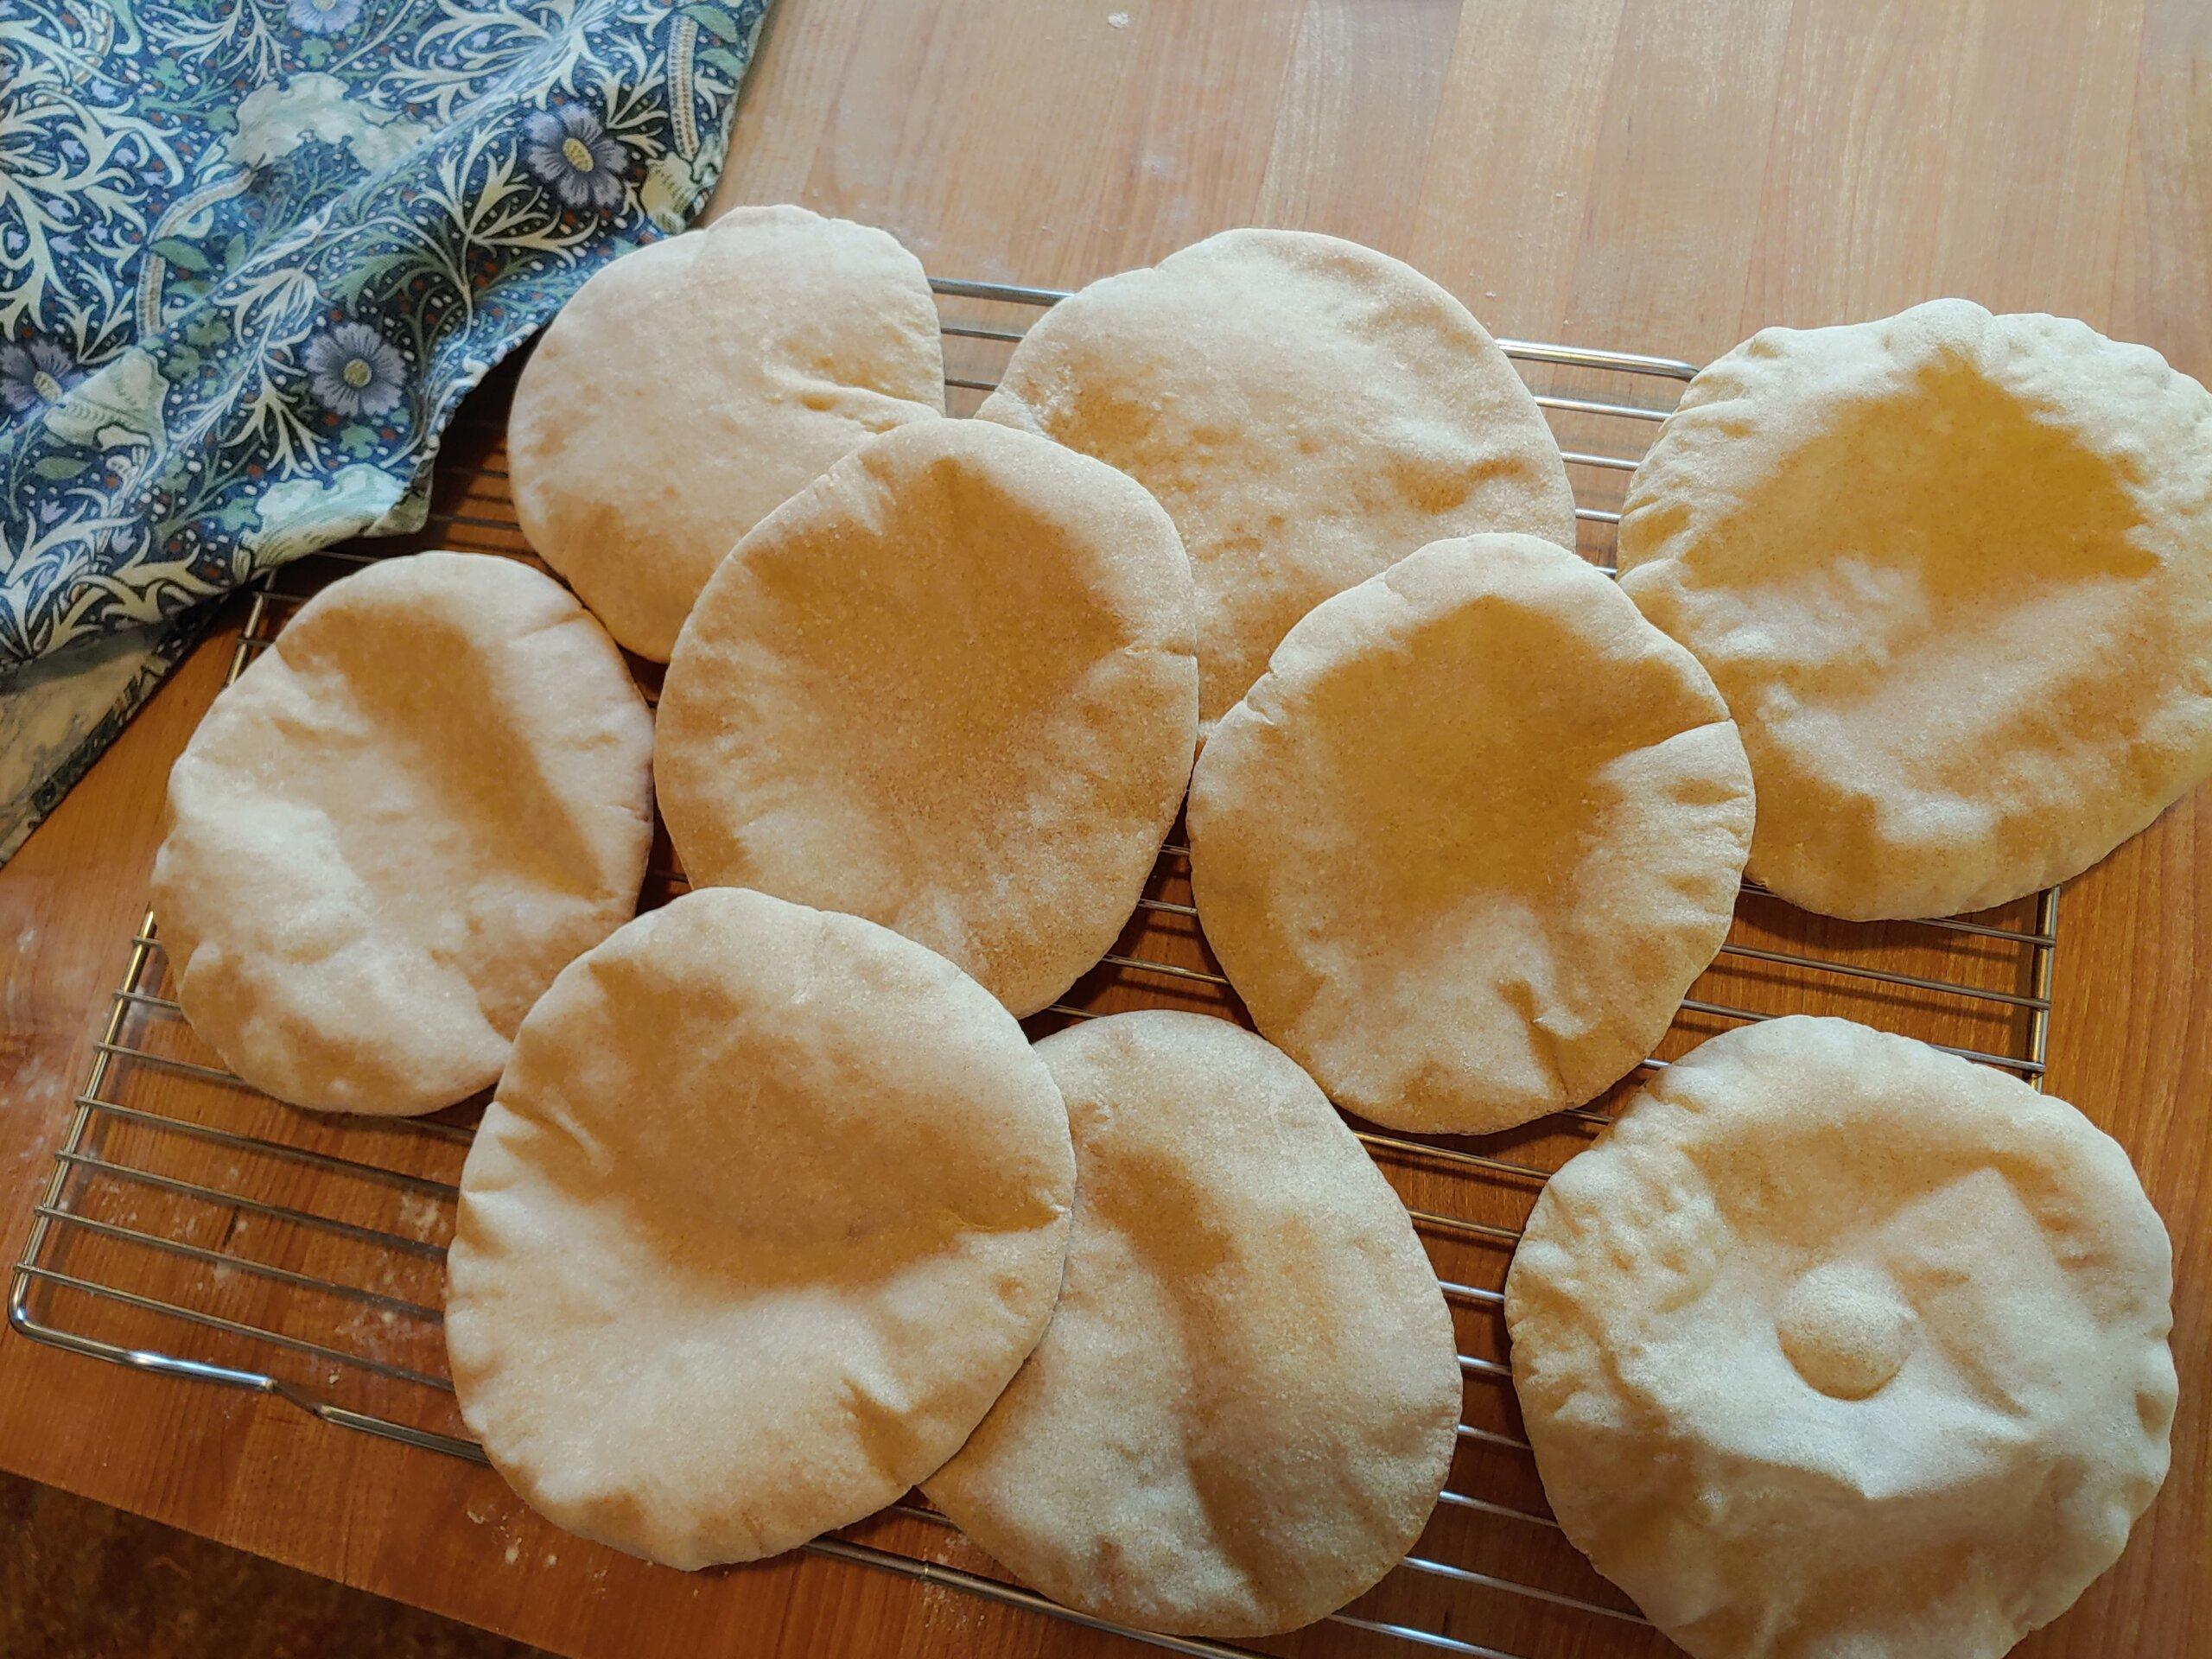 Pita Bread with Sourdough Discard